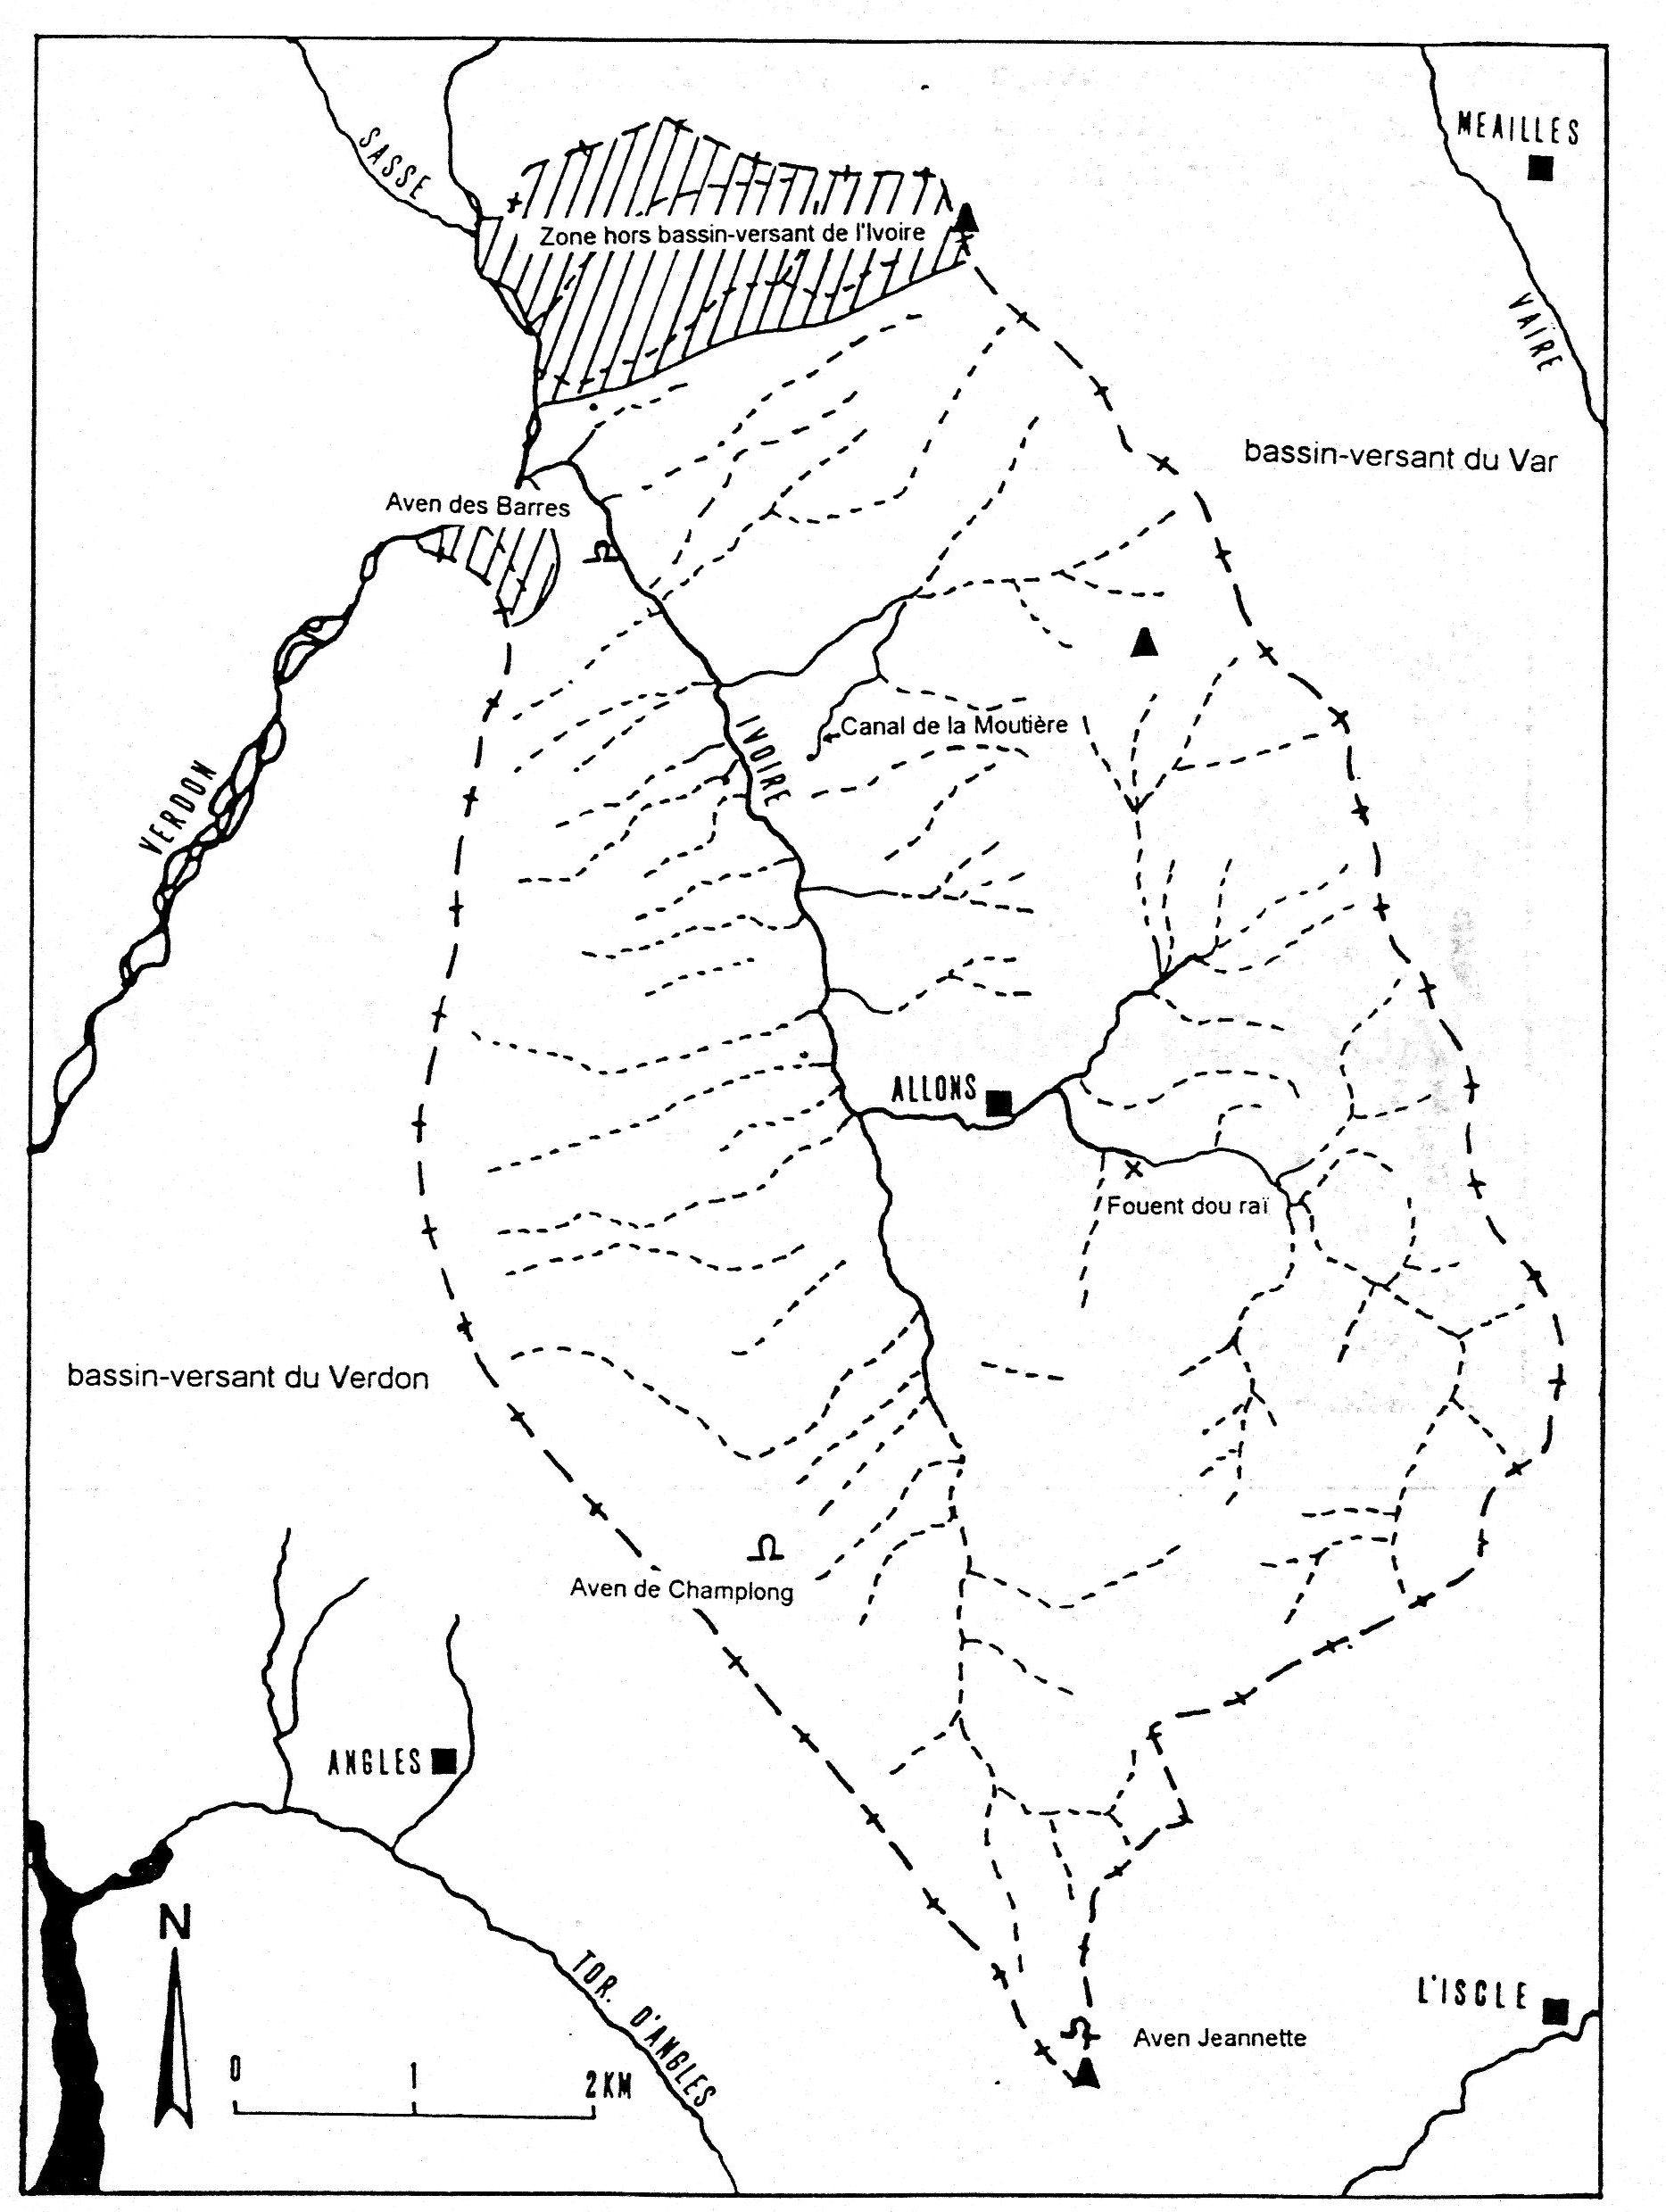 La cellule hydrologique de l'Ivoire : Allons - Sources cartes I.G.N.